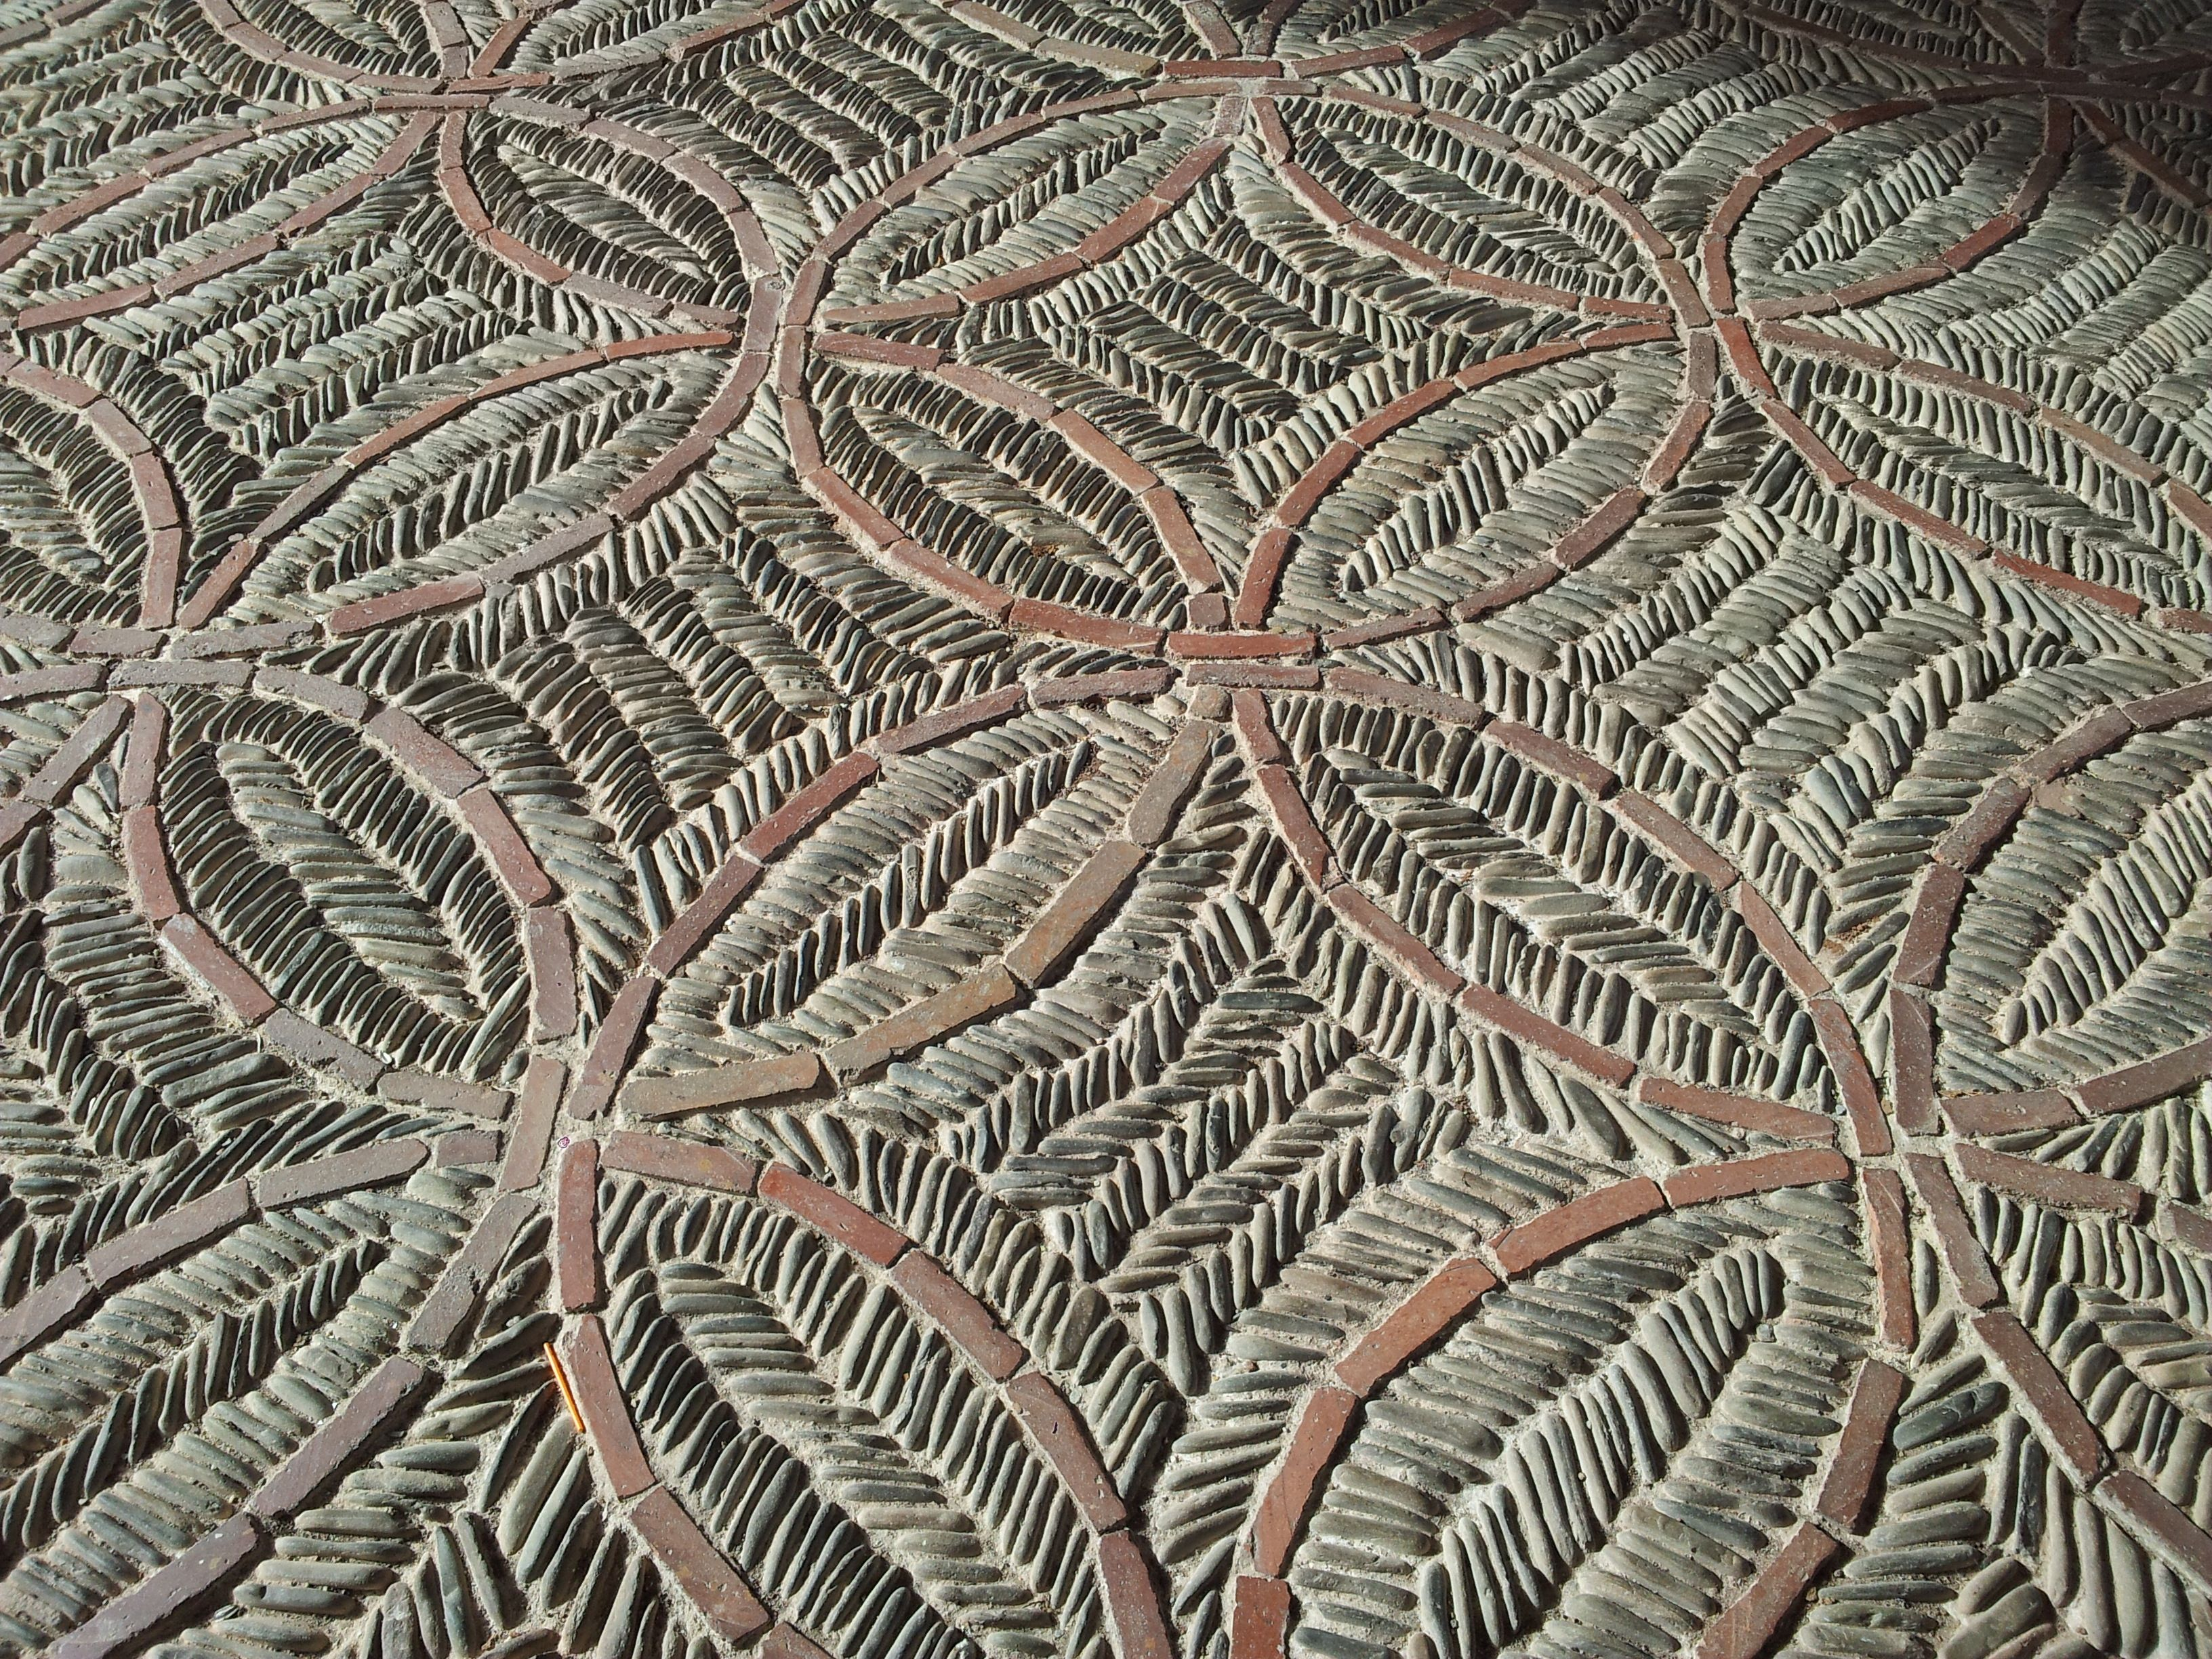 Pavimento de canto rodado suelos canto rodado for Pavimento con mosaico